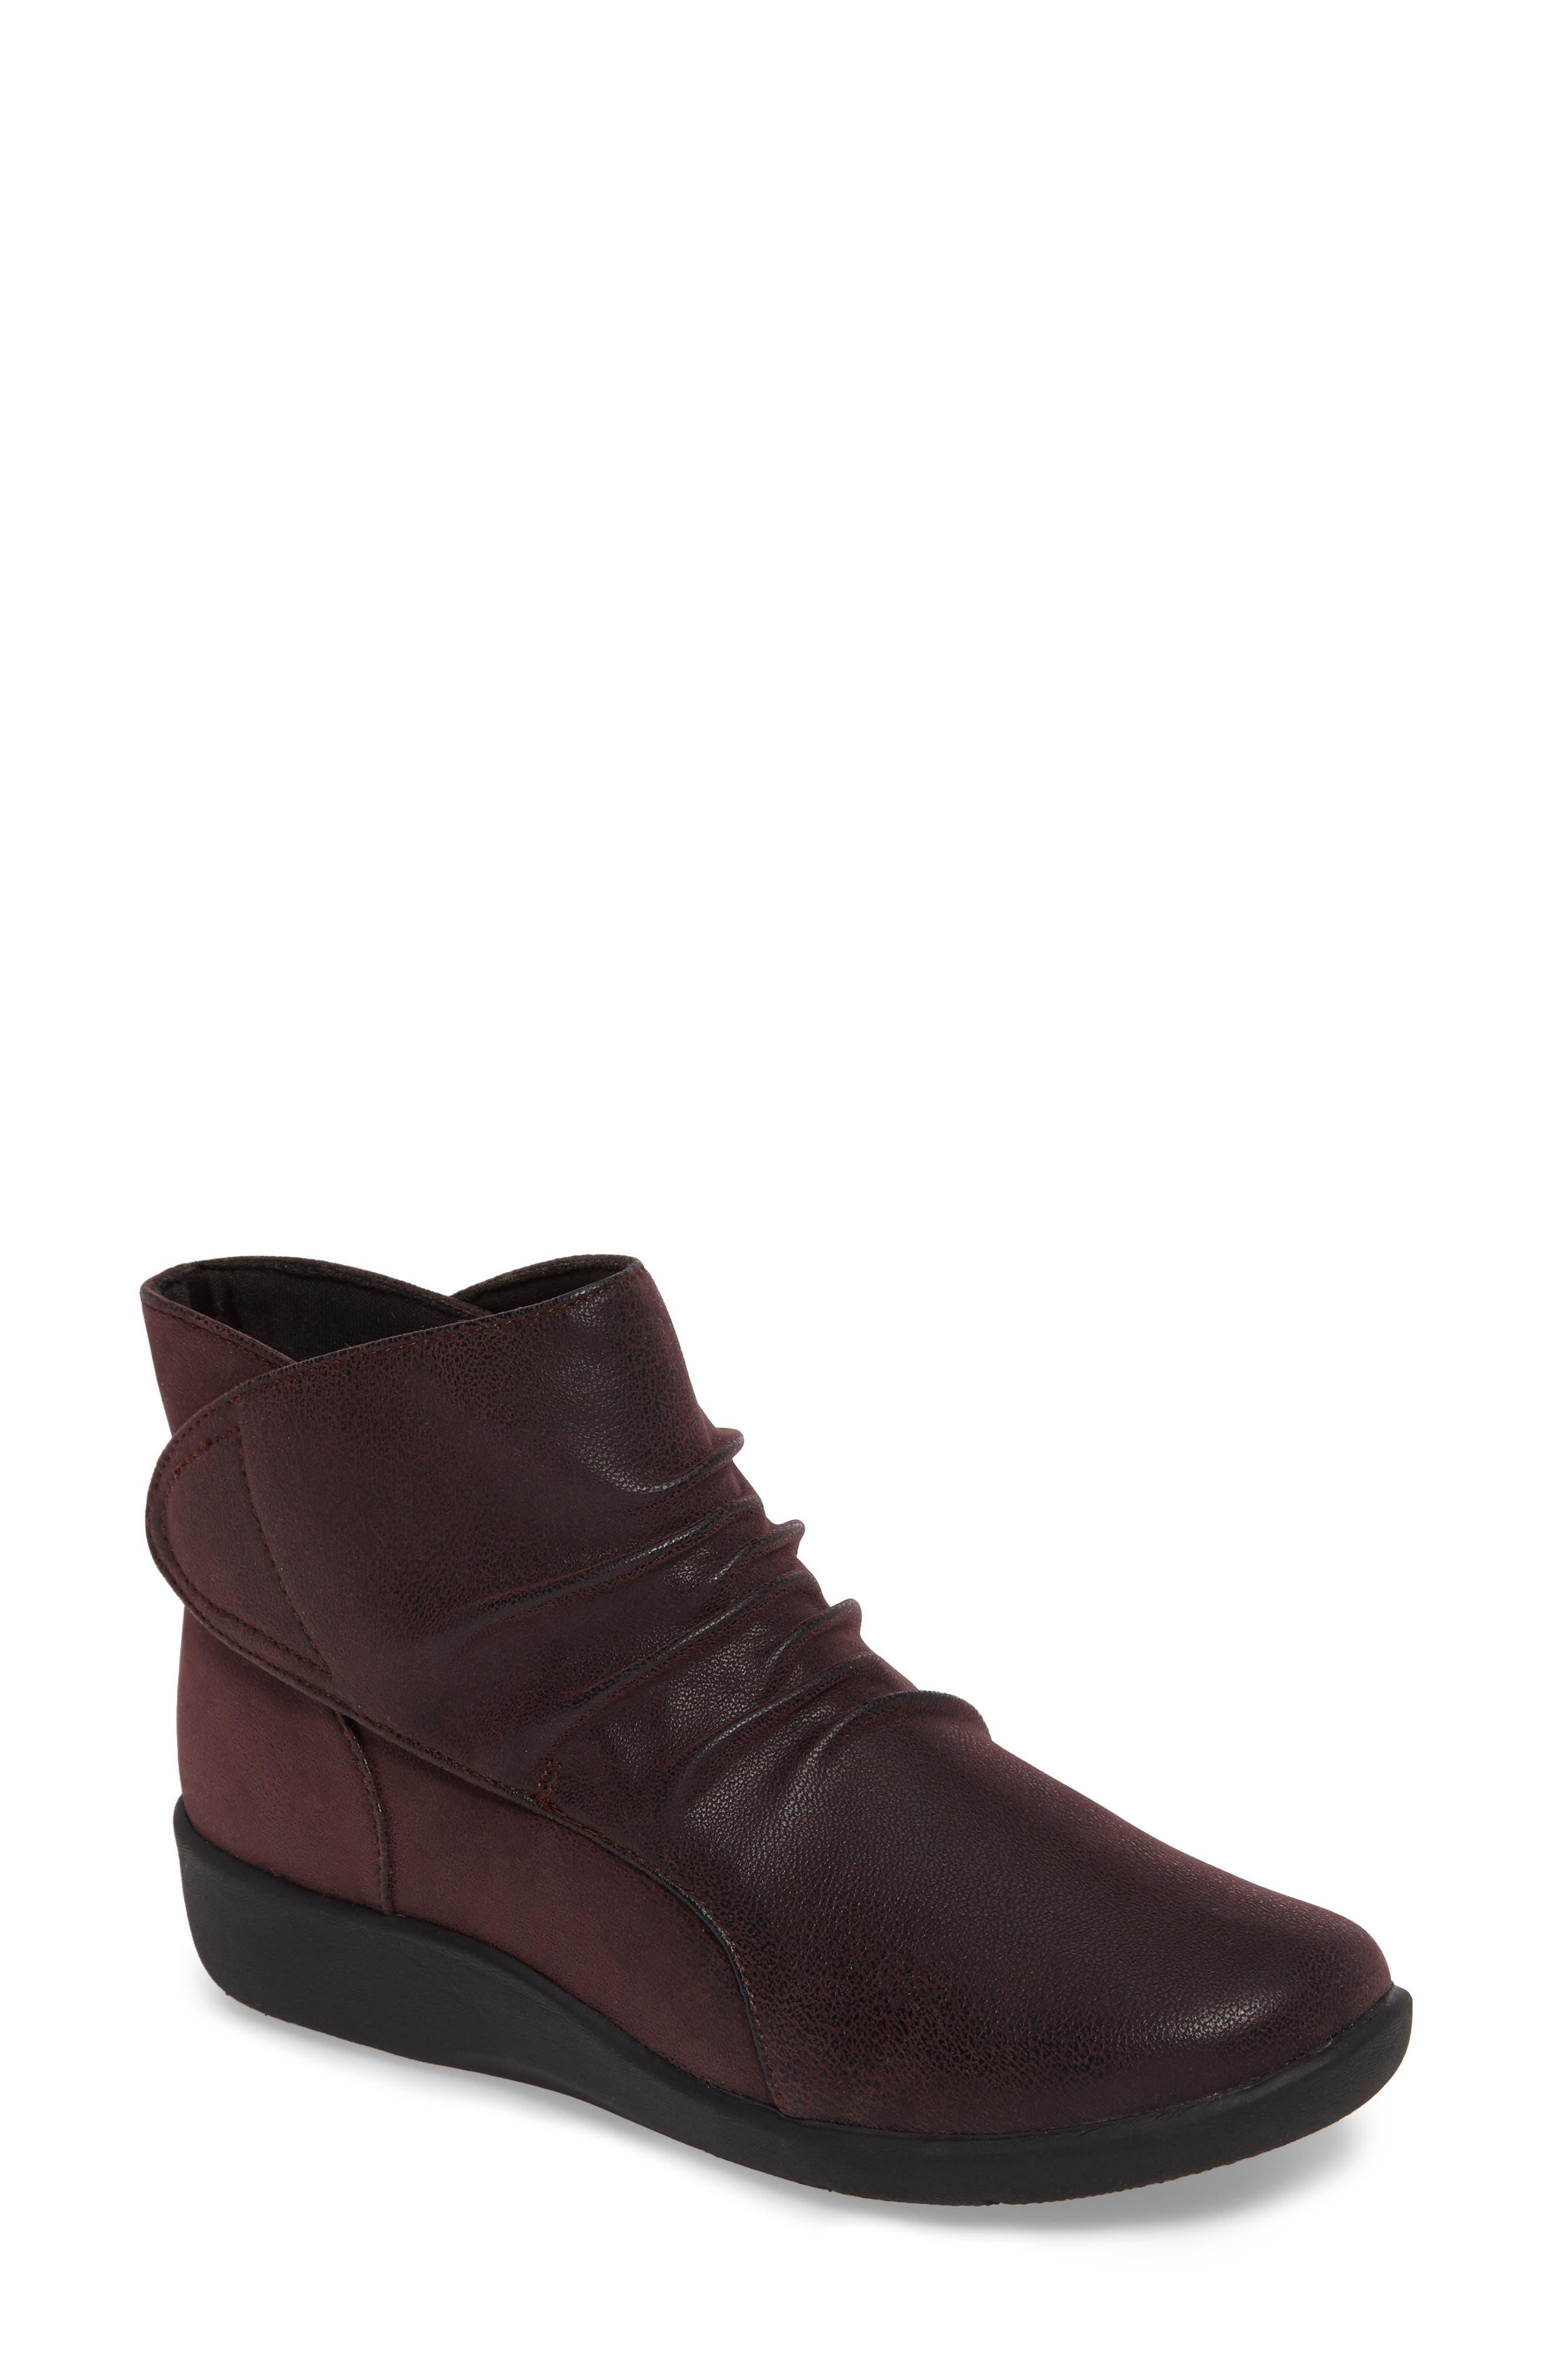 Clarks® Sillian Sway Boot (Women)